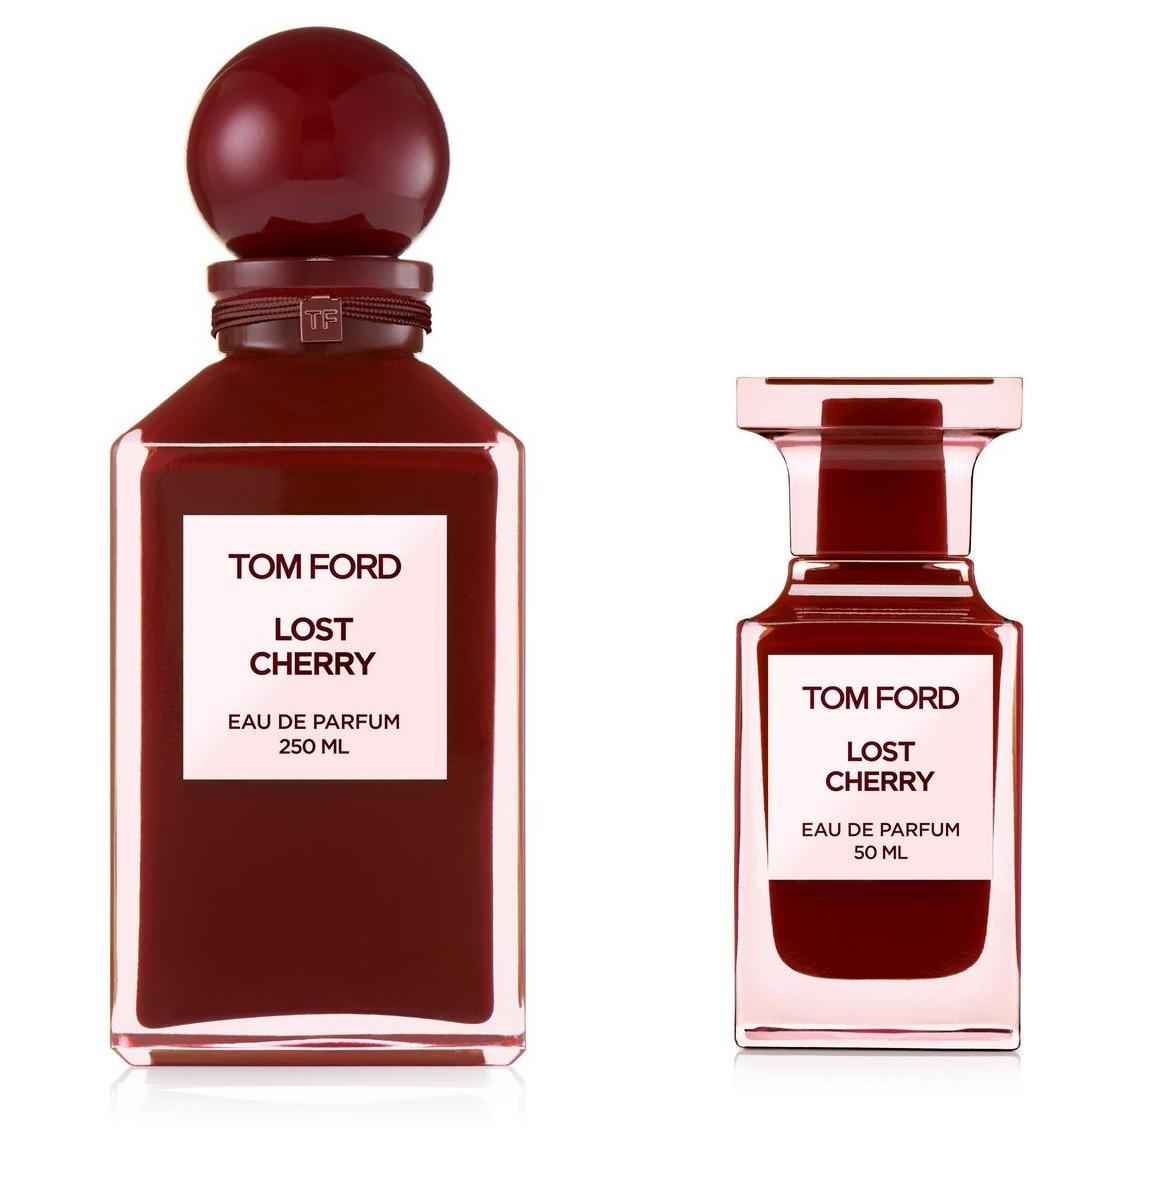 Ford Homme 2018 Parfum Nouveau Pour Lost Femme Et Cherry Un Tom D2WbE9YeHI